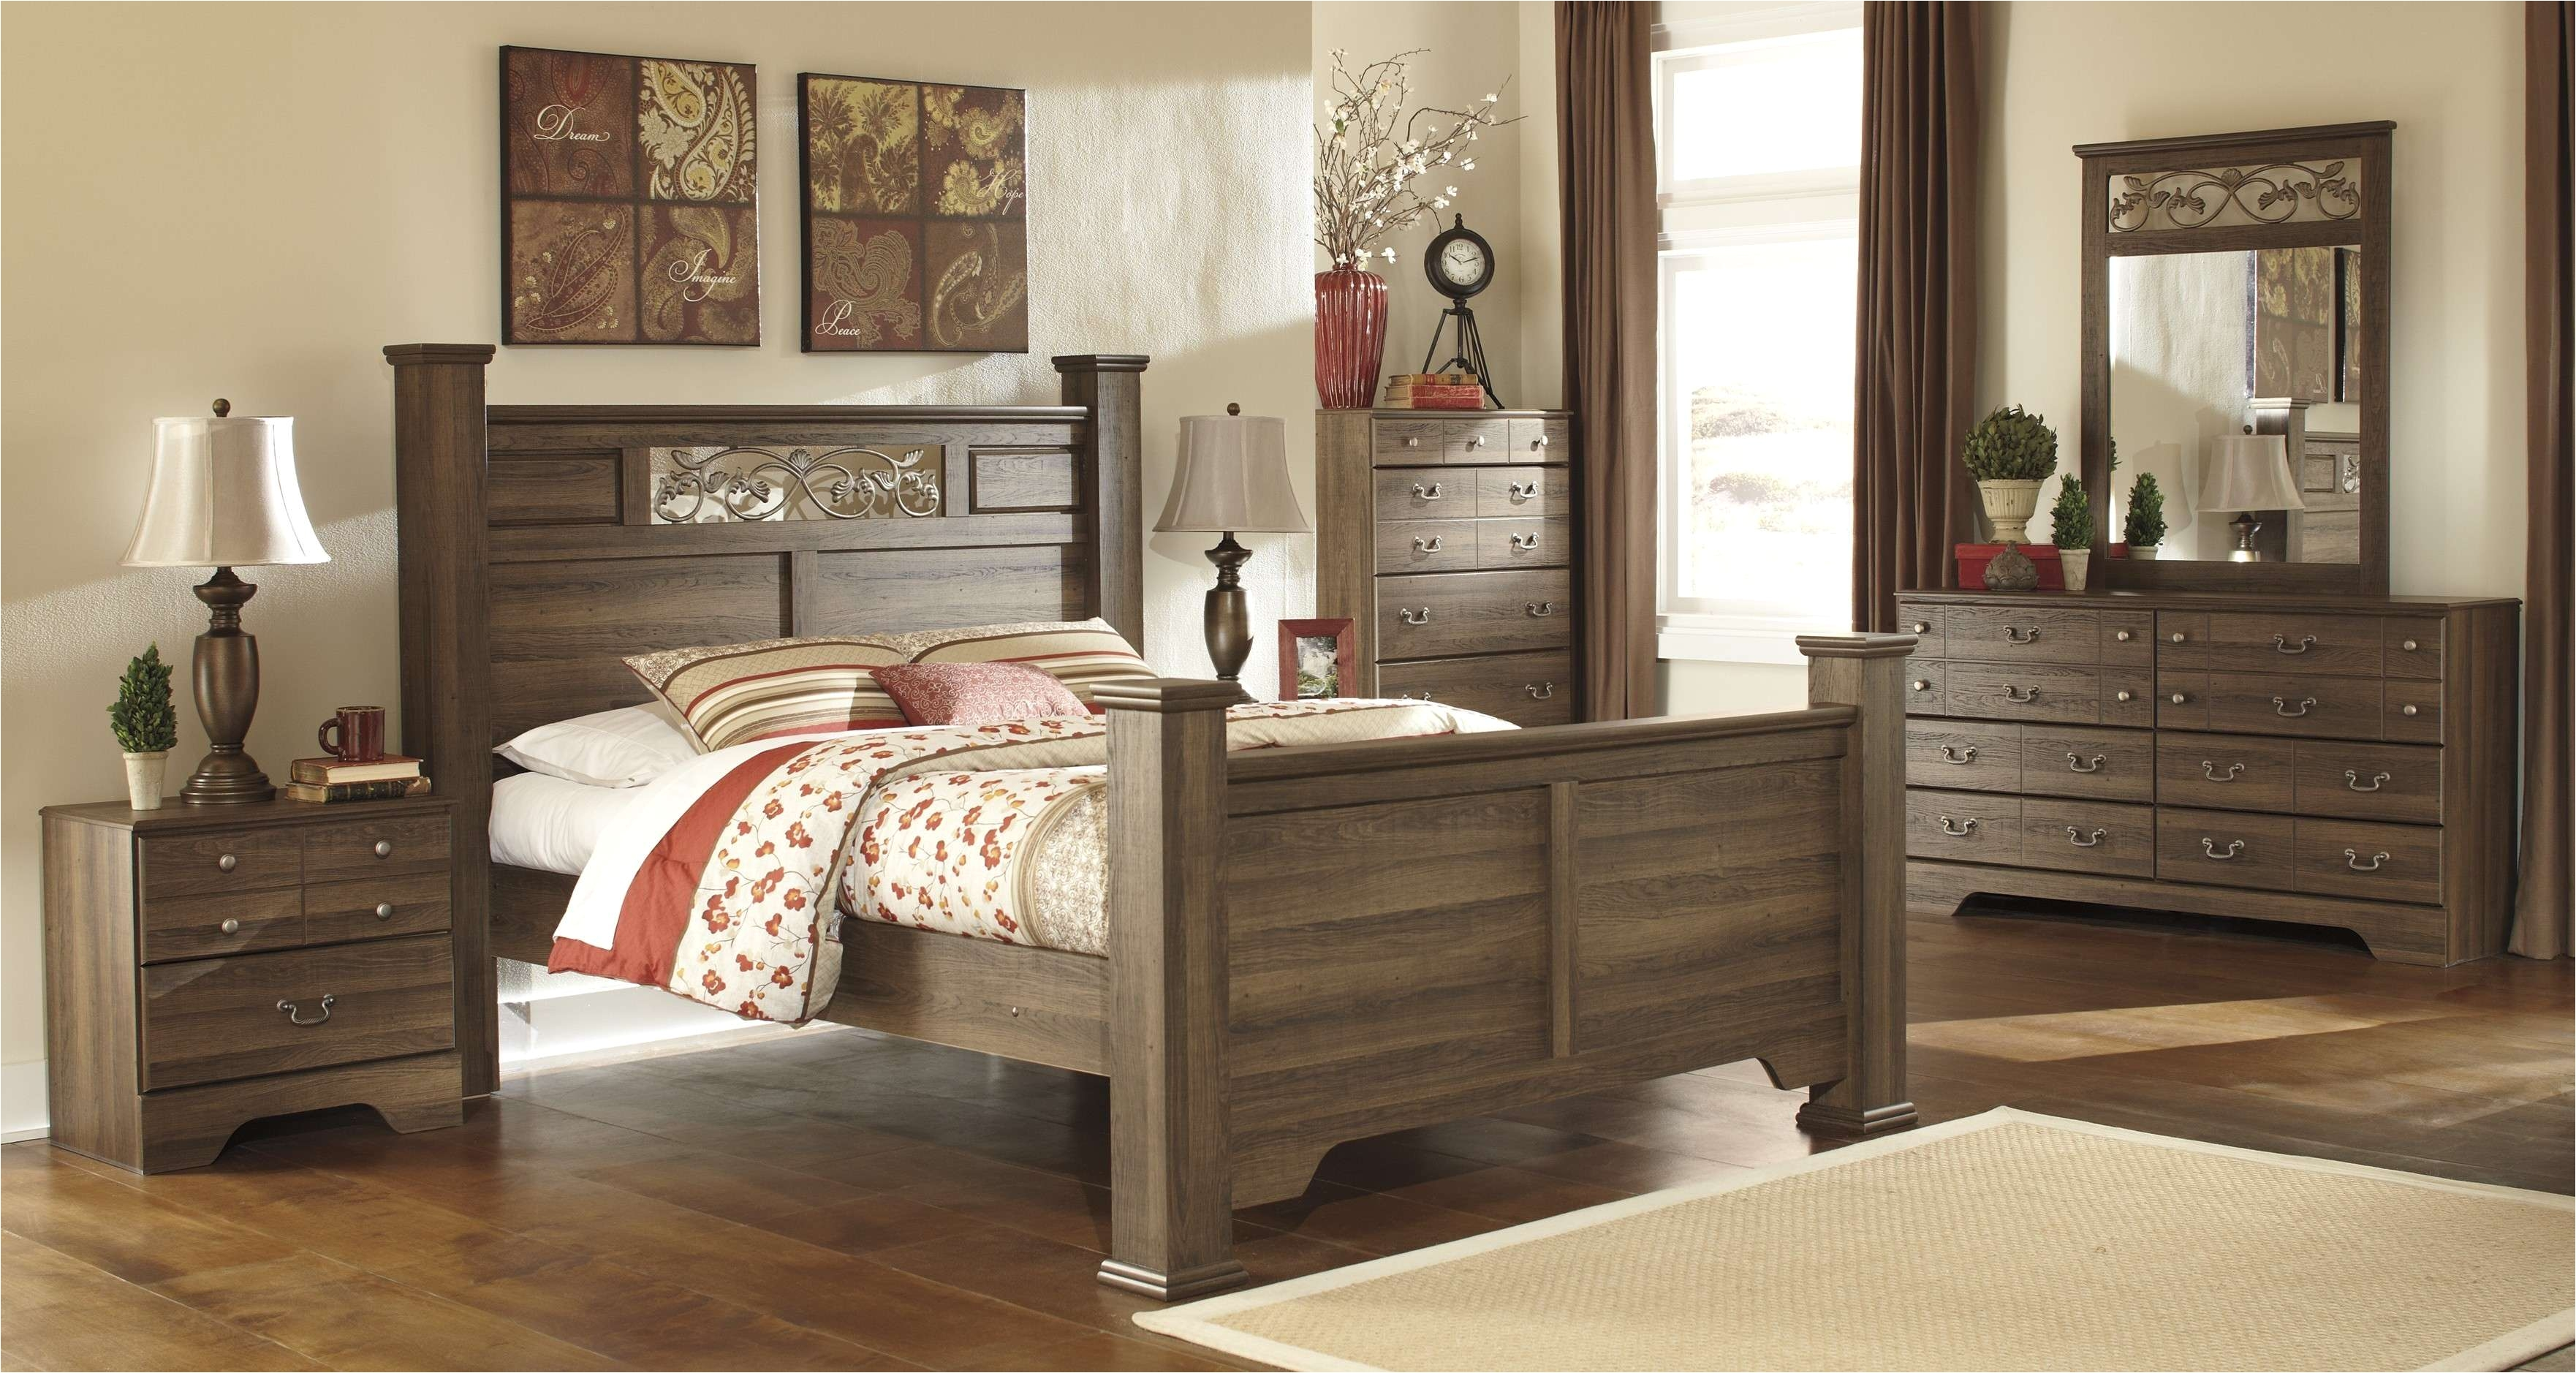 ashley furniture bedroom furniture best of ashley bedroom sets white uncategorized demarlos upholstered panel